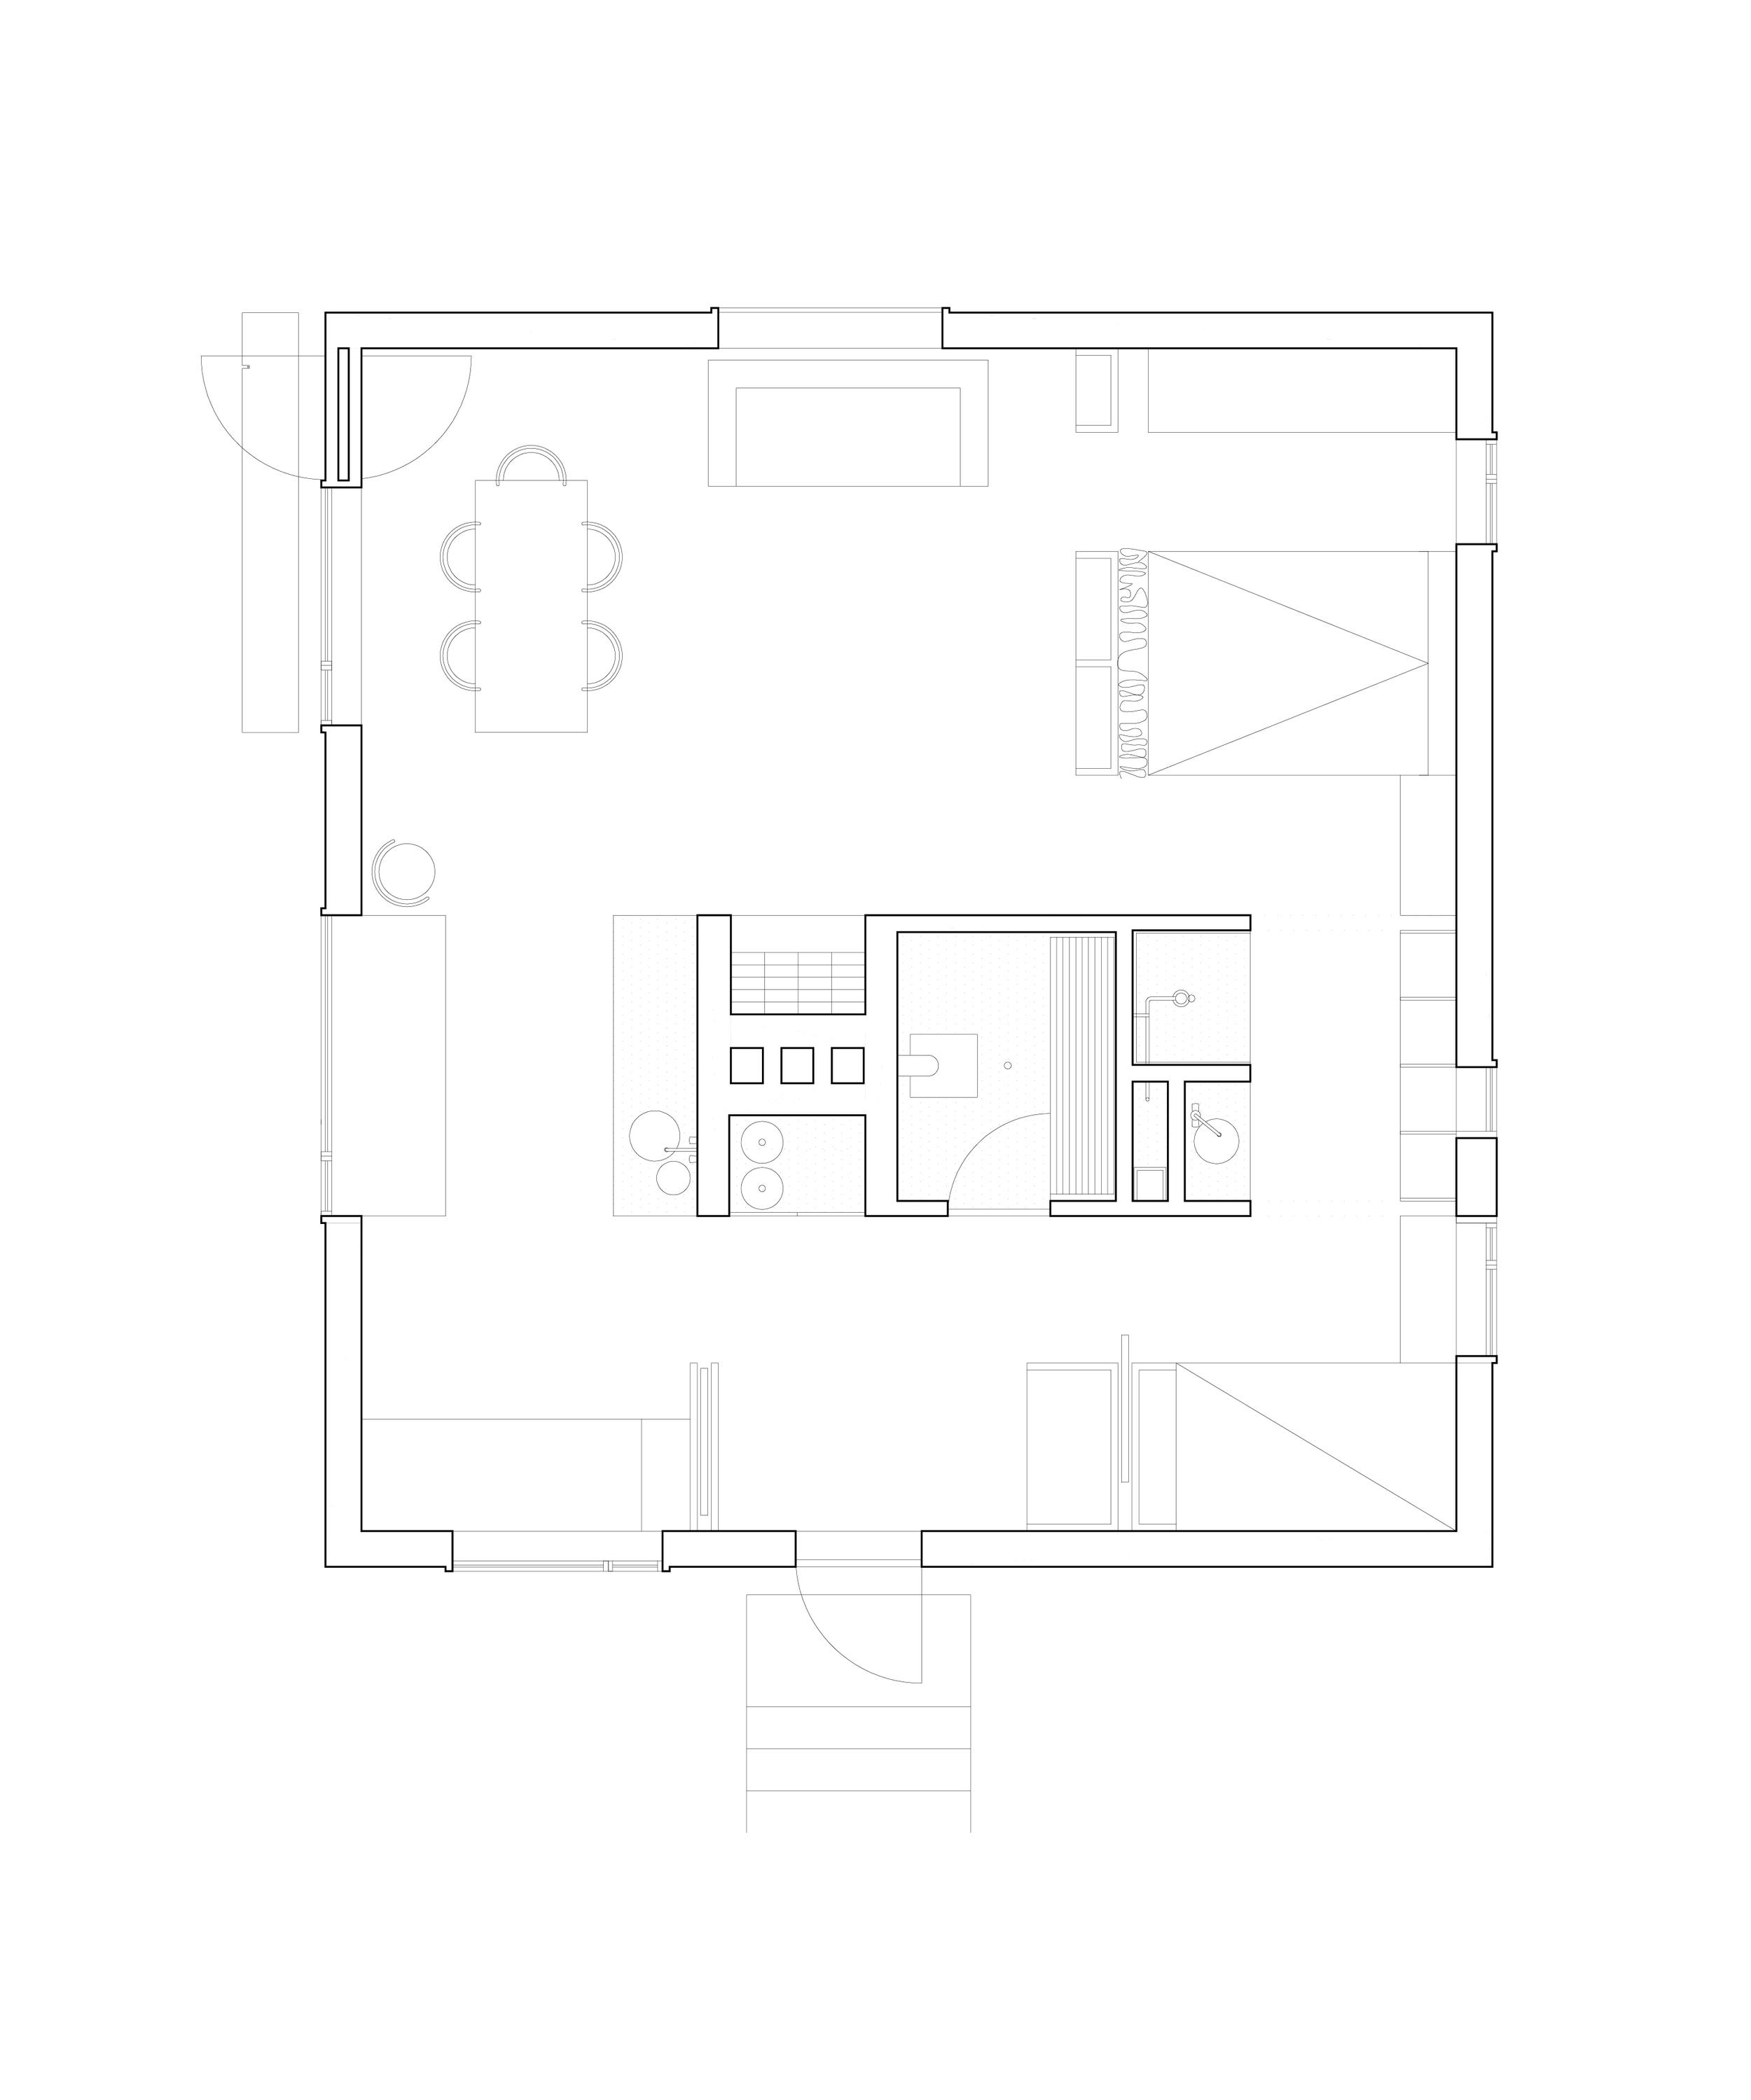 plan fonnum 1 til 50_2.jpg